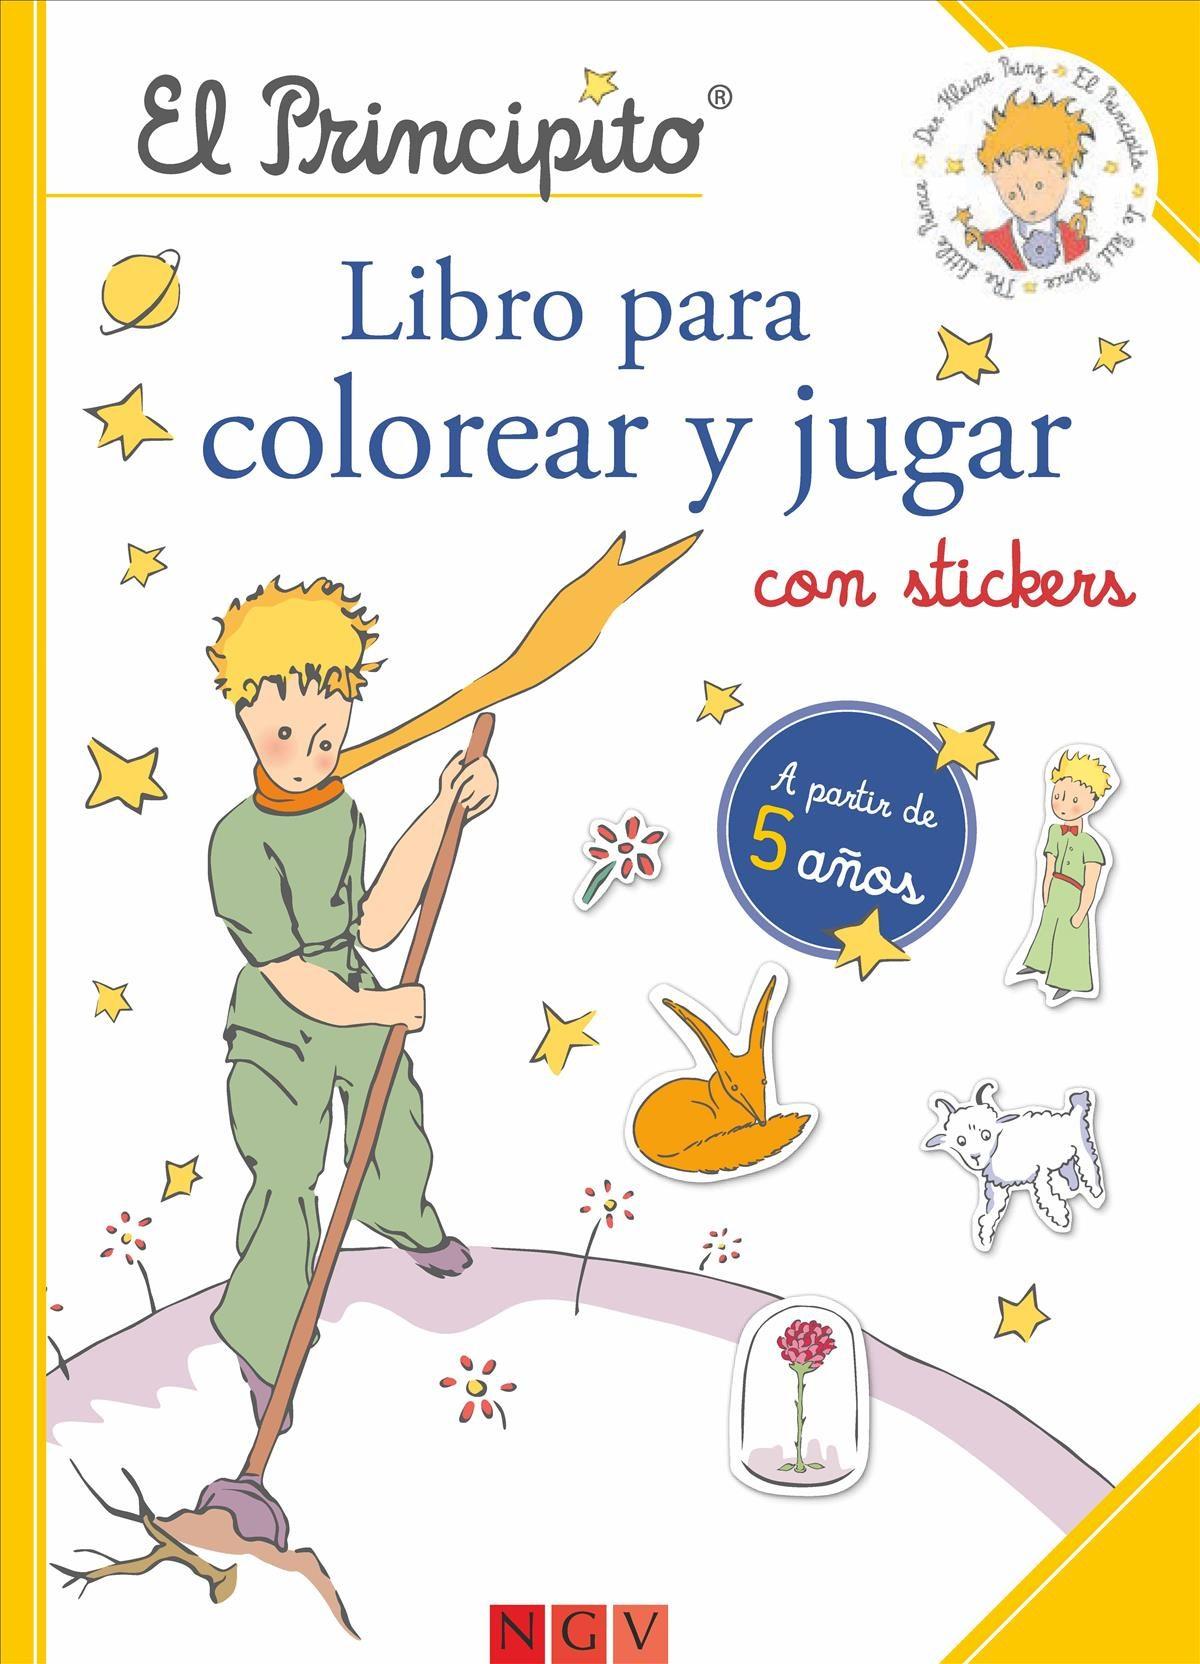 EL PRINCIPITO. LIBRO PARA COLOREAR Y JUGAR | VV.AA. | Comprar libro ...